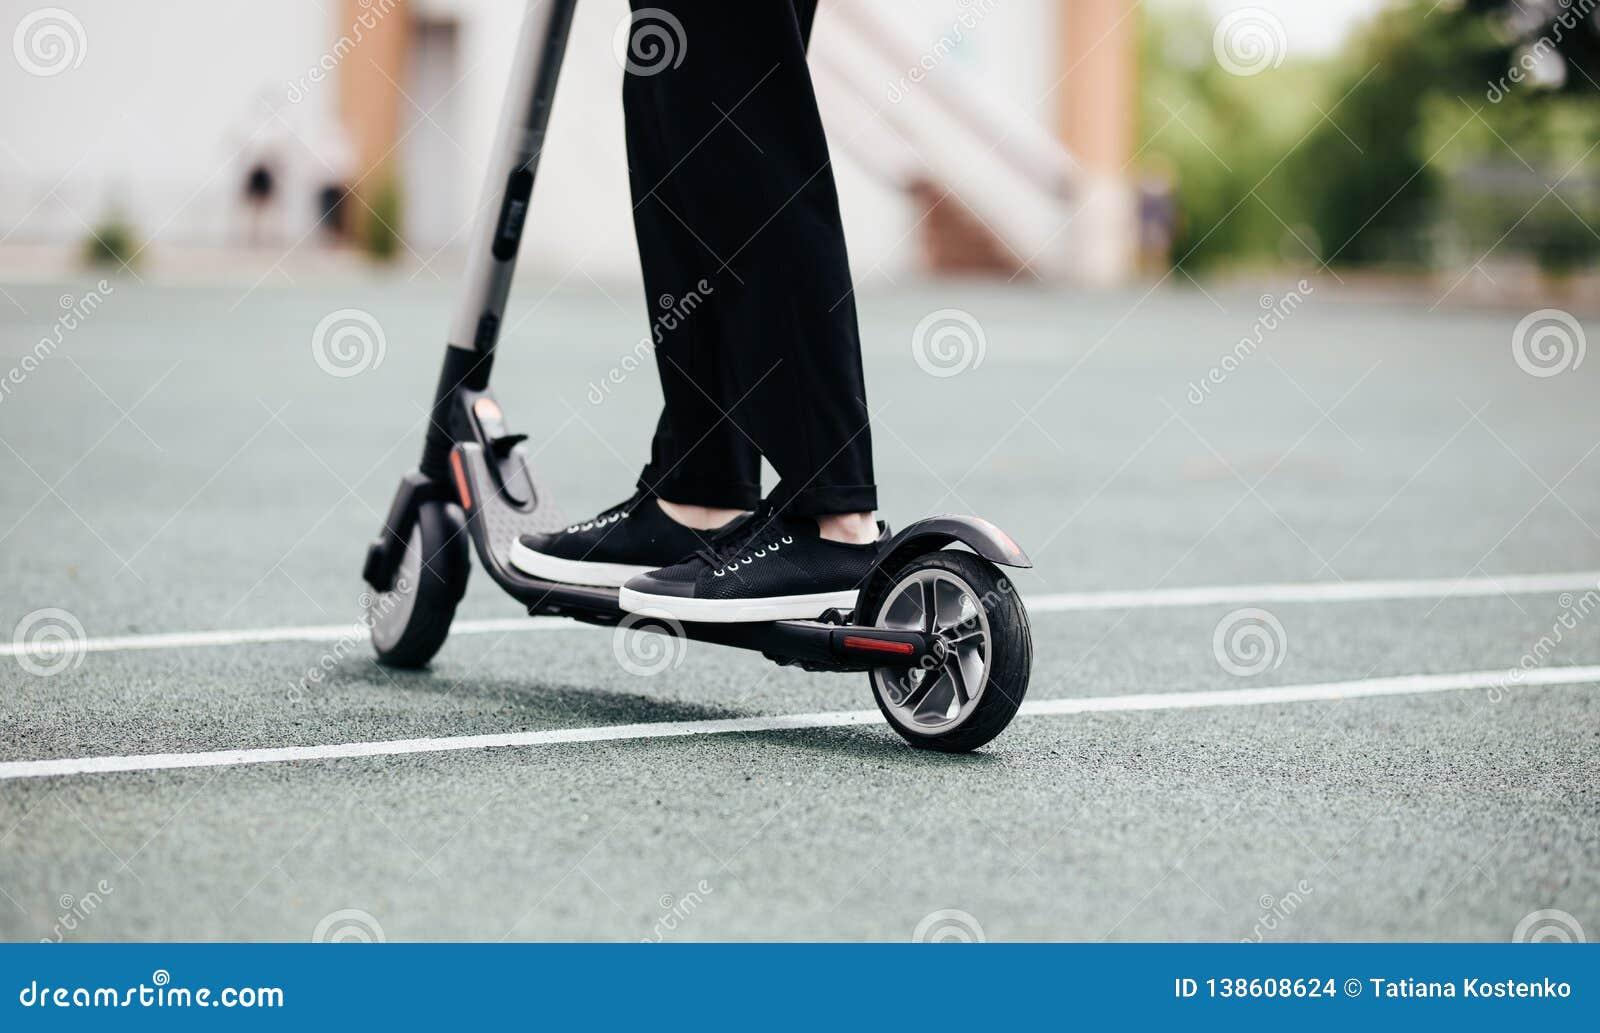 Pés de um homem no suporte à moda do equipamento no  trotinette  elétrico na rua